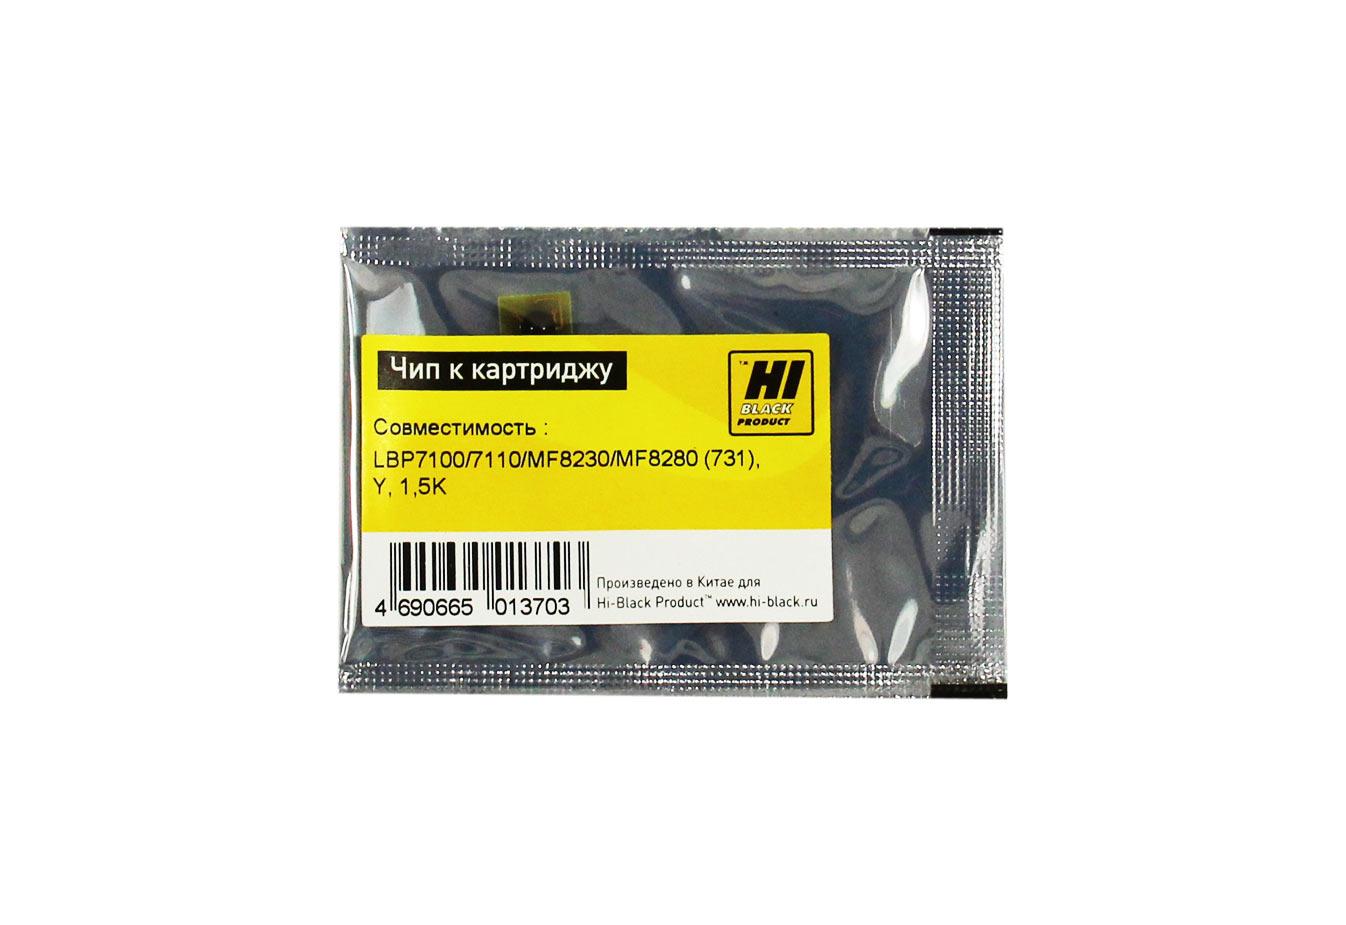 Чип Hi-Black к картриджу Canon LBP-7100/7110/MF8230/MF8280 (731), Y, 1,5K